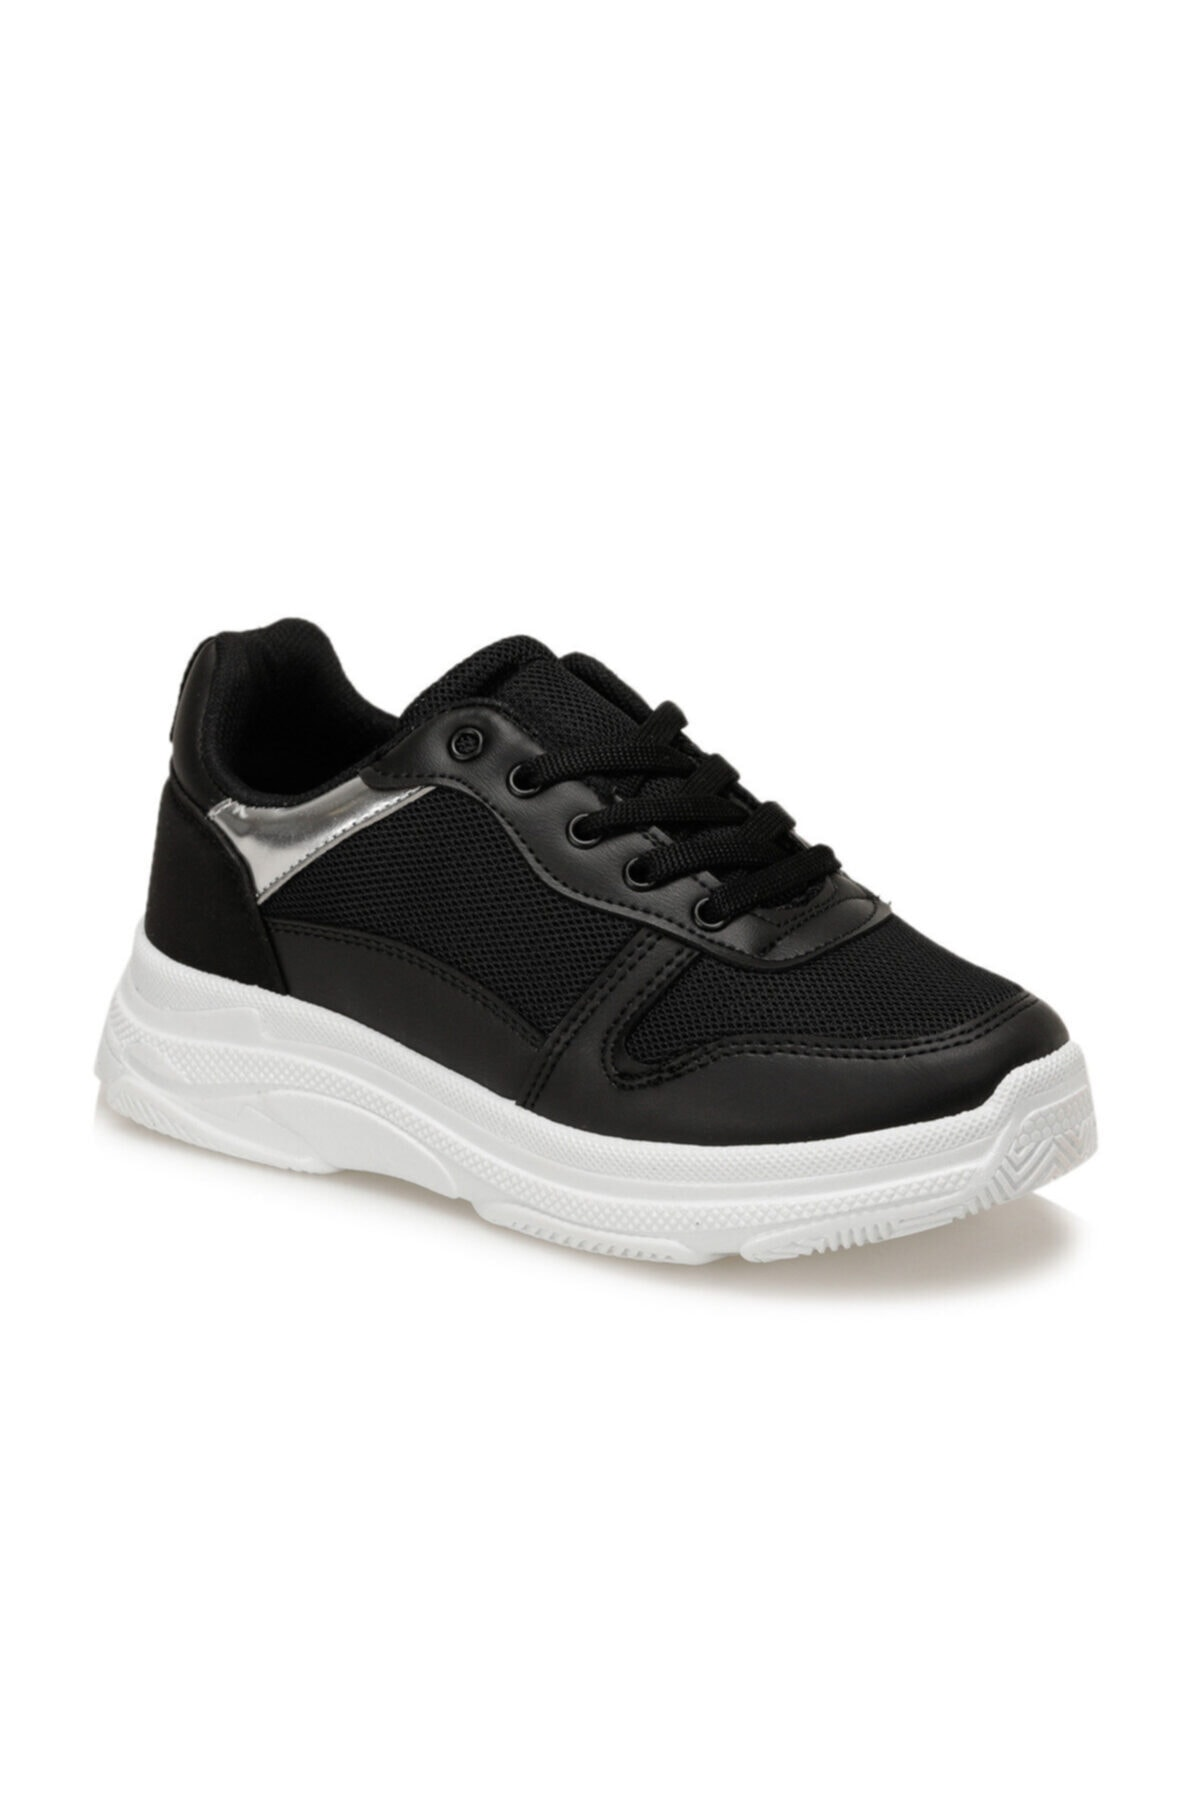 315759.Z Siyah Kadın Spor Ayakkabı 100523185